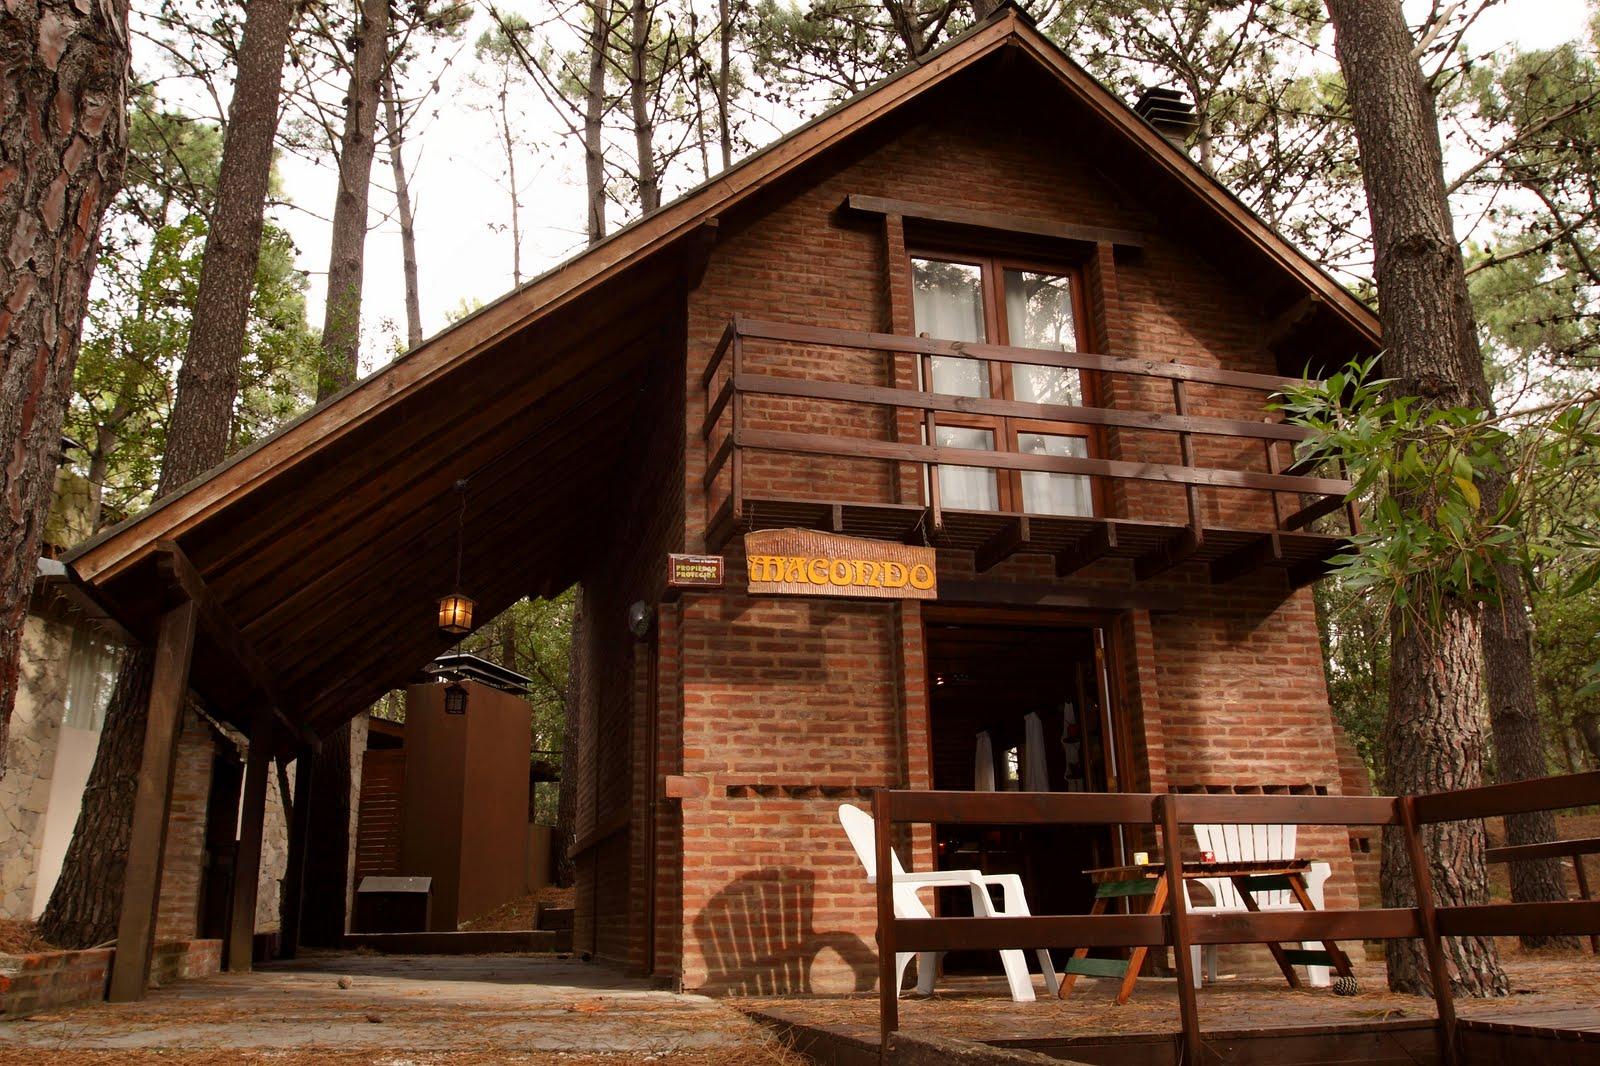 Caba a macondo - Casa madera y piedra ...